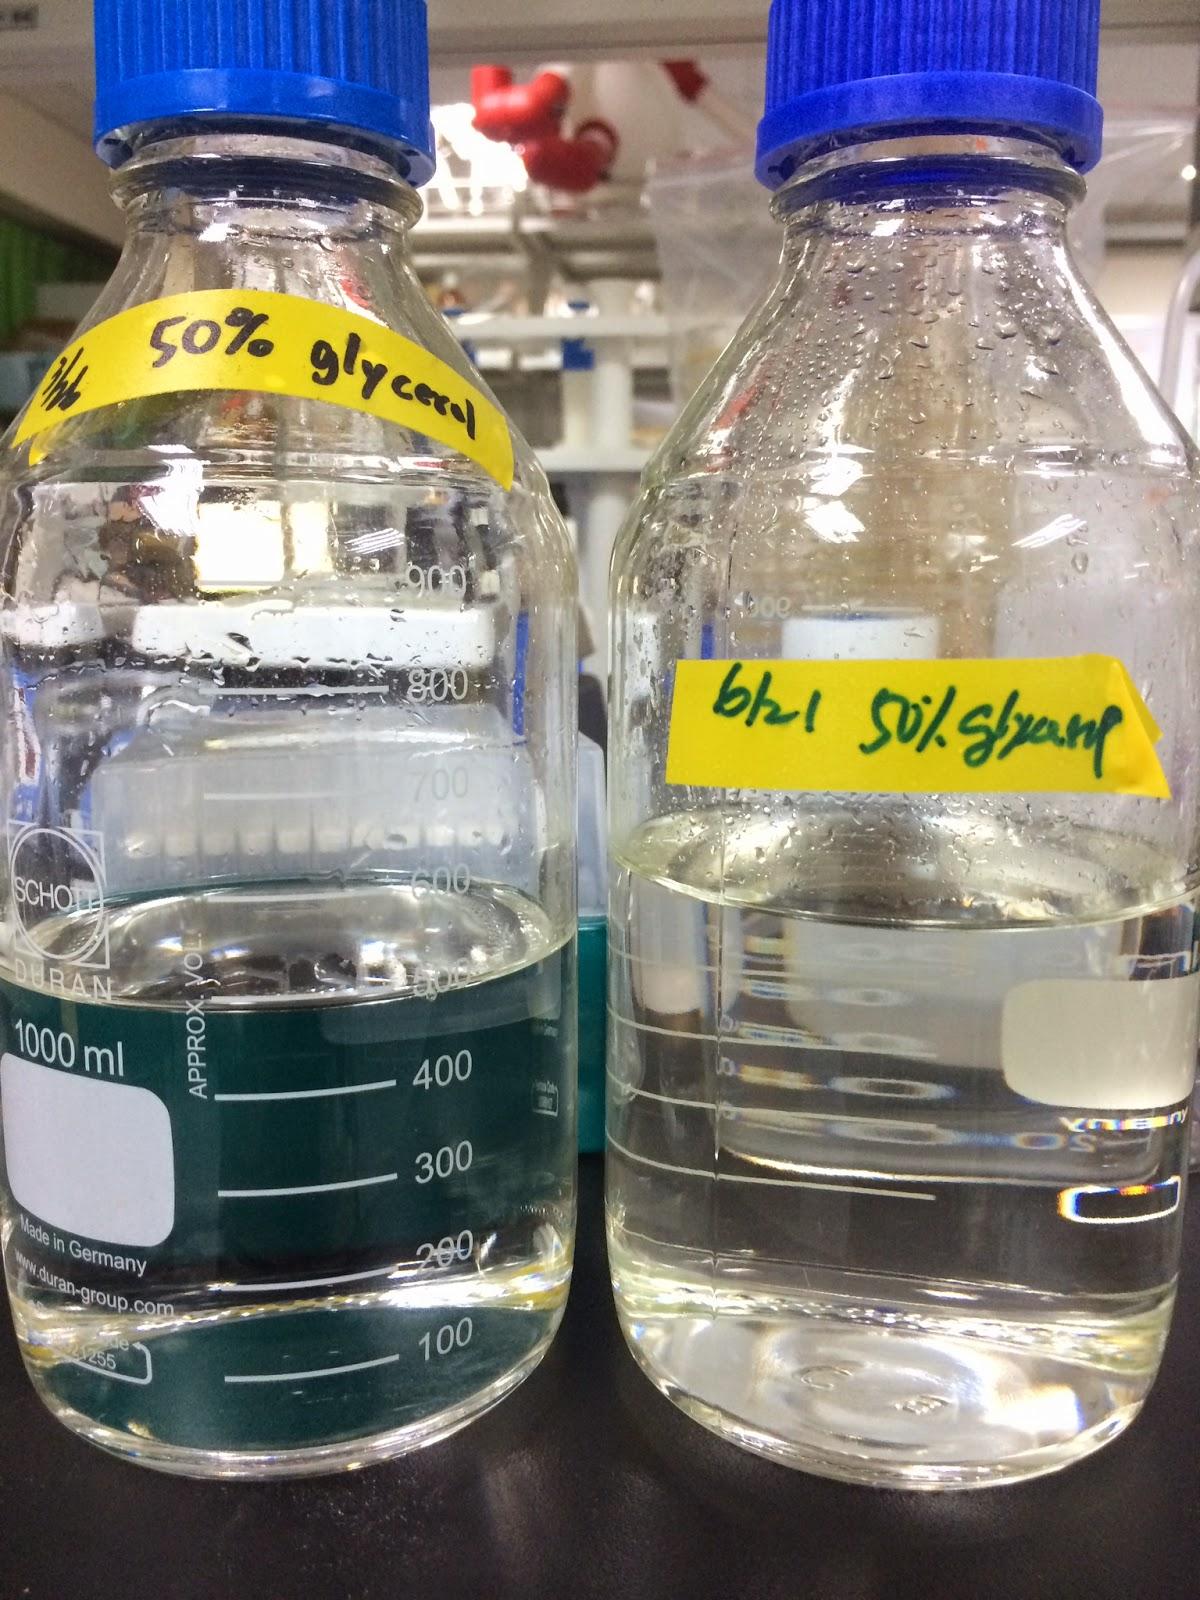 楊容的學習記錄: 0513菌種保存預備動作:接種至液體 MRS